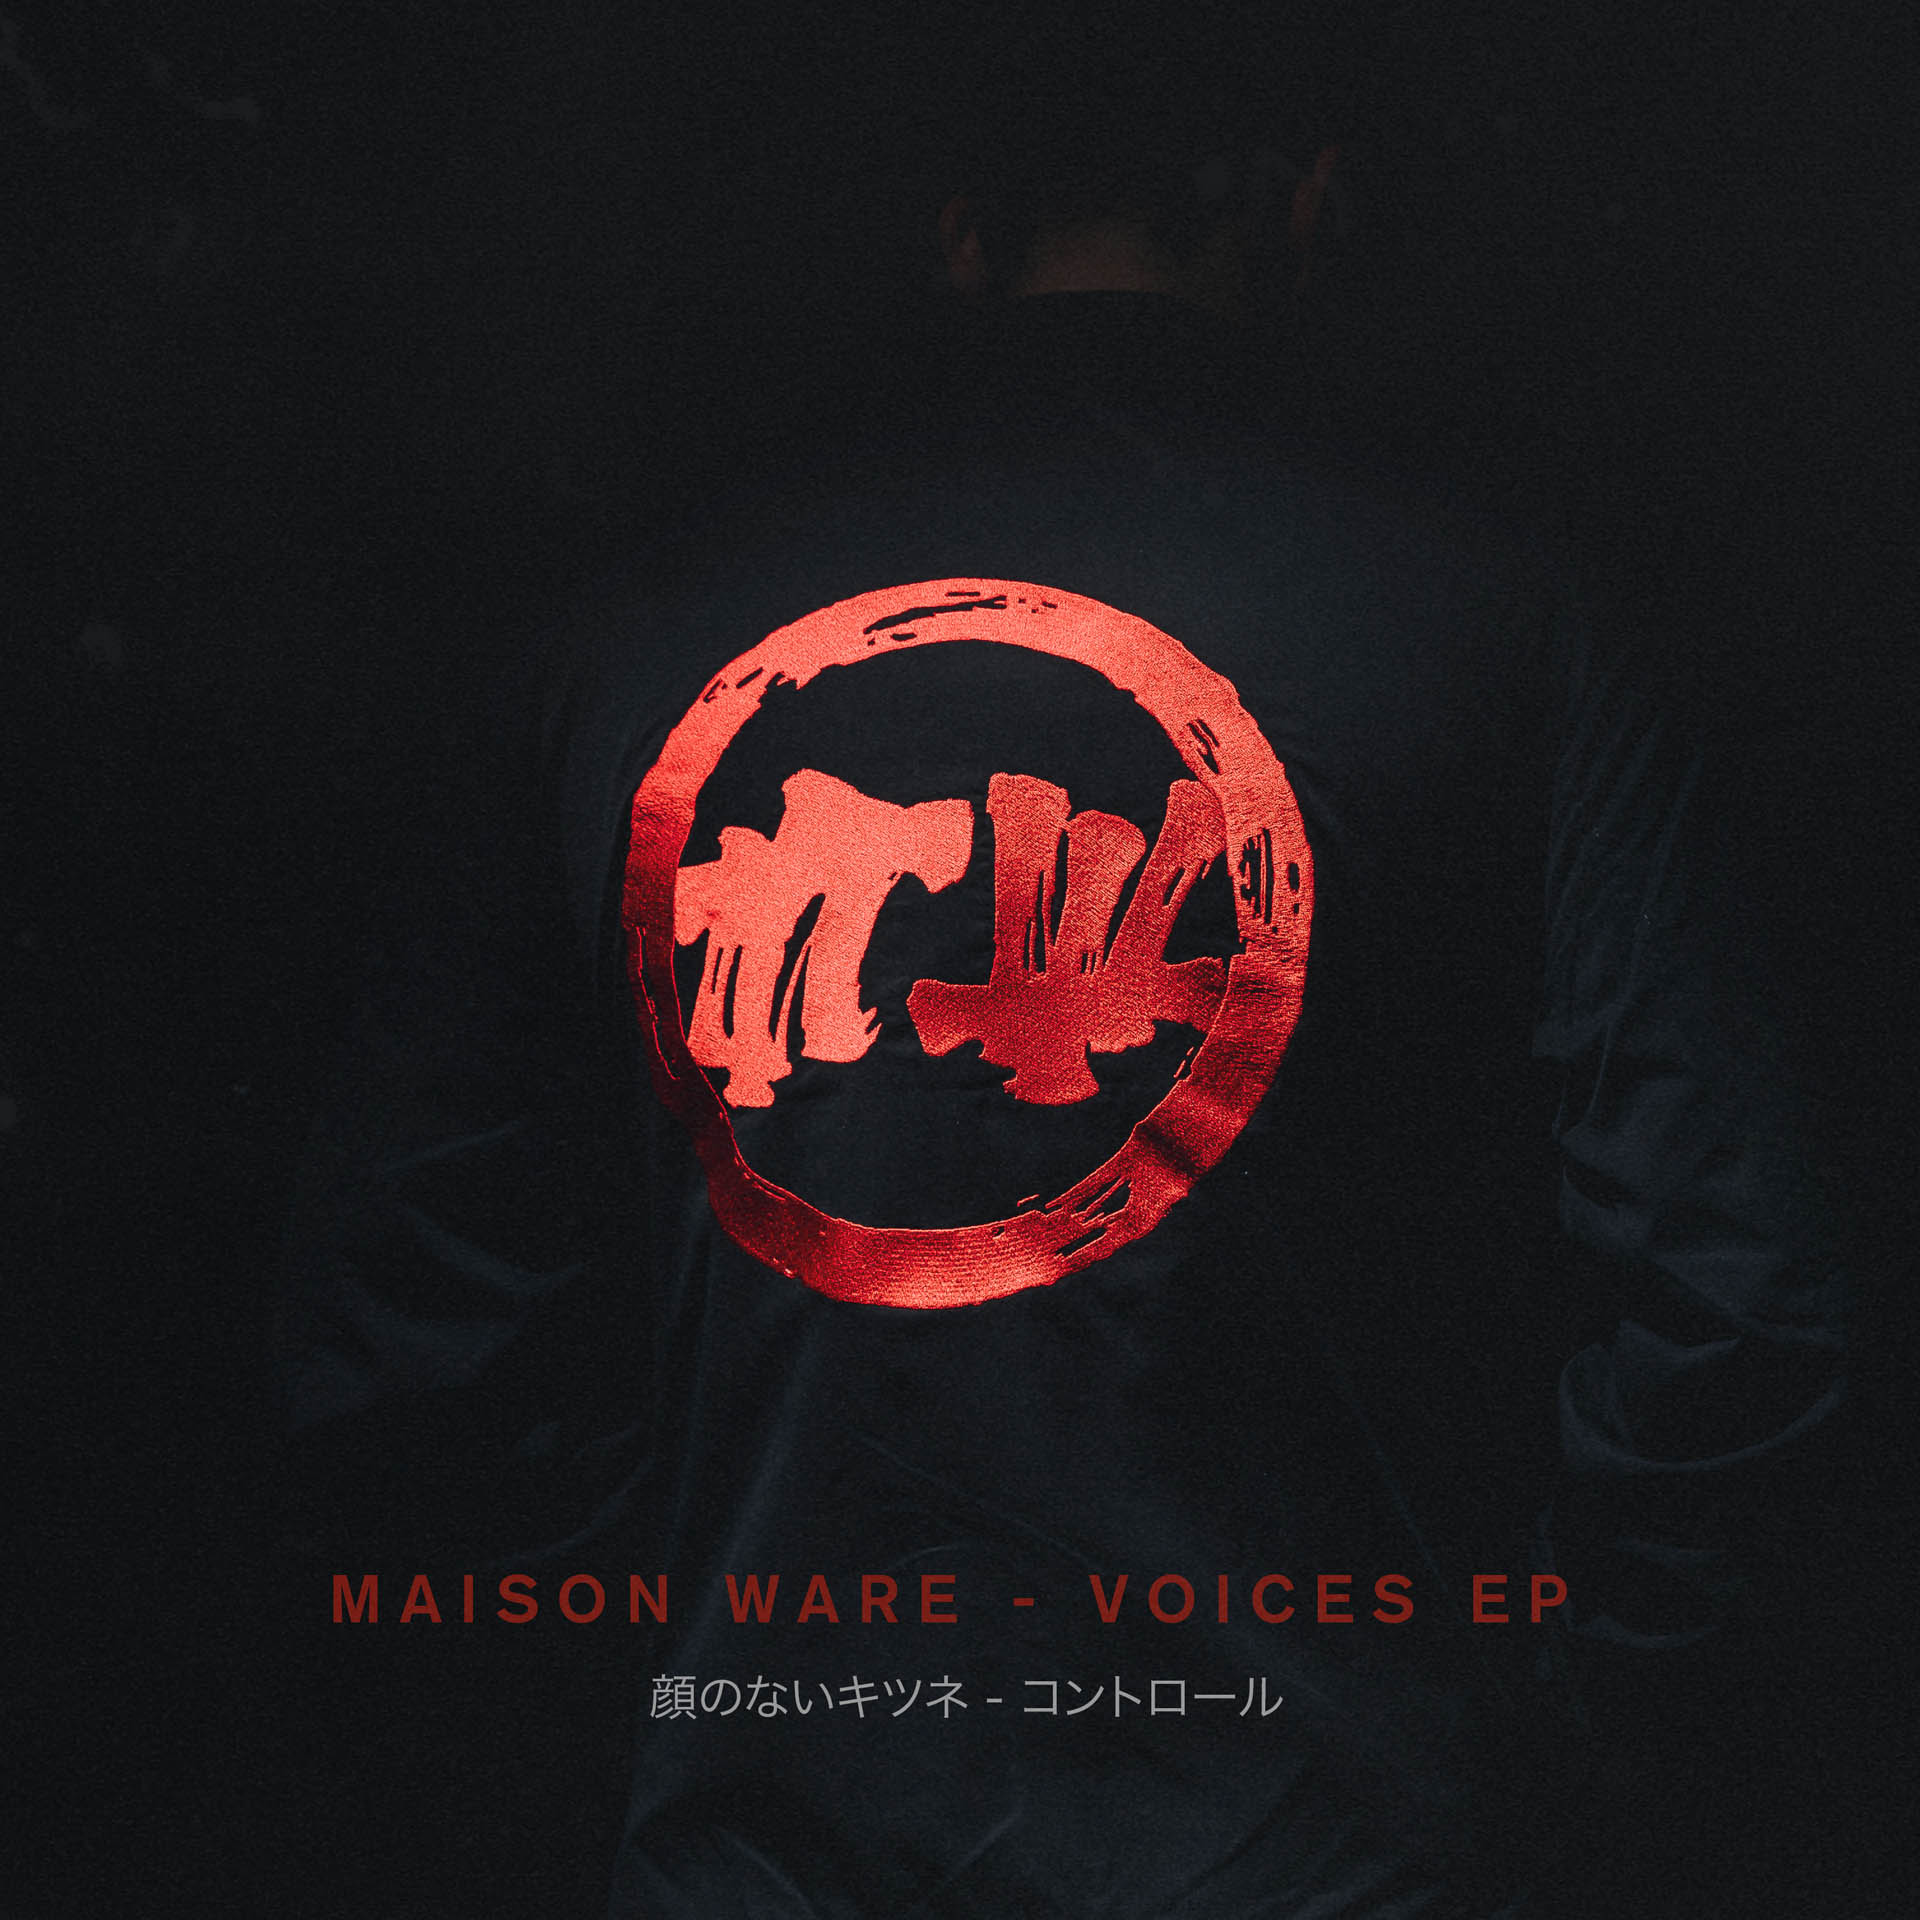 Maison Ware - Voices EP